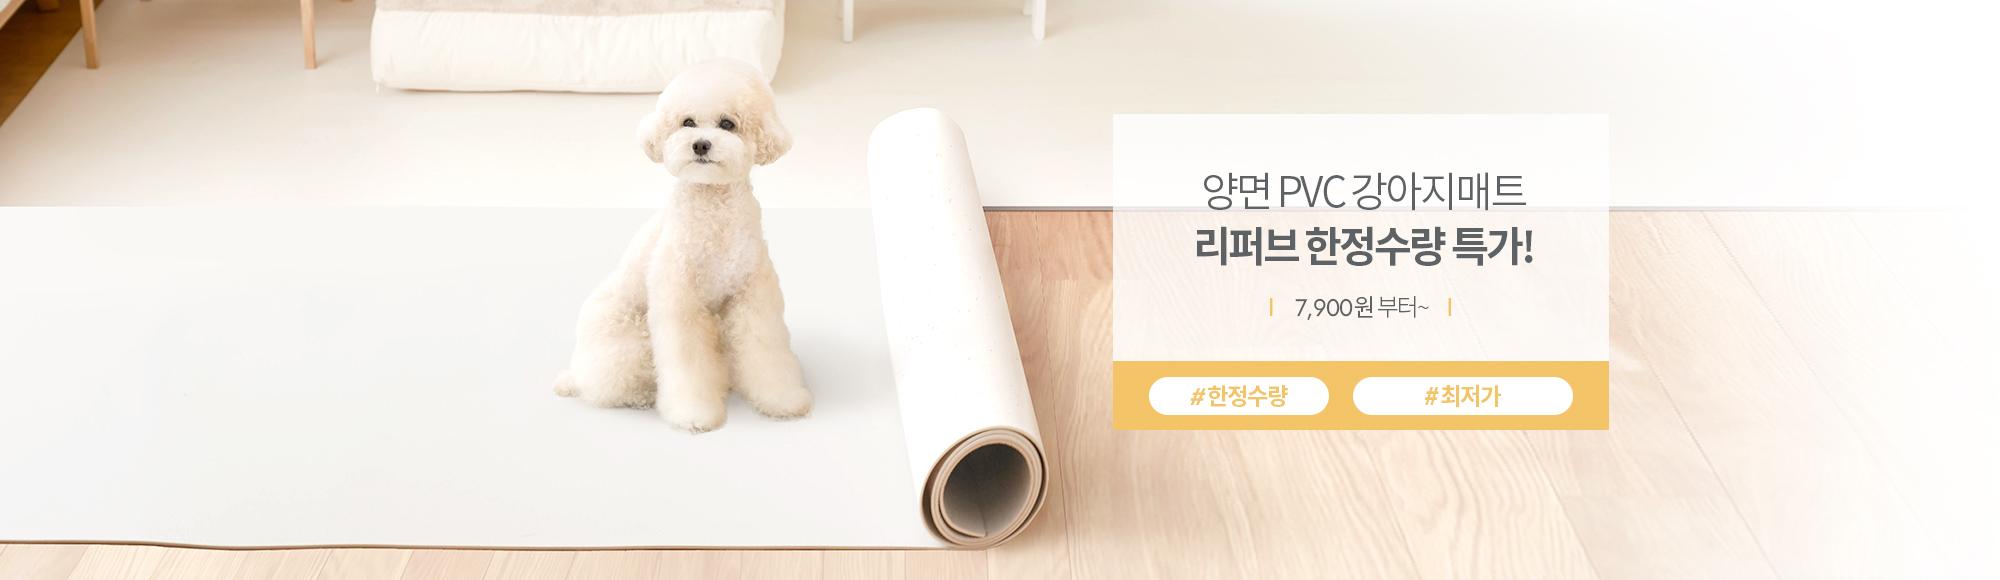 강아지매트 특가